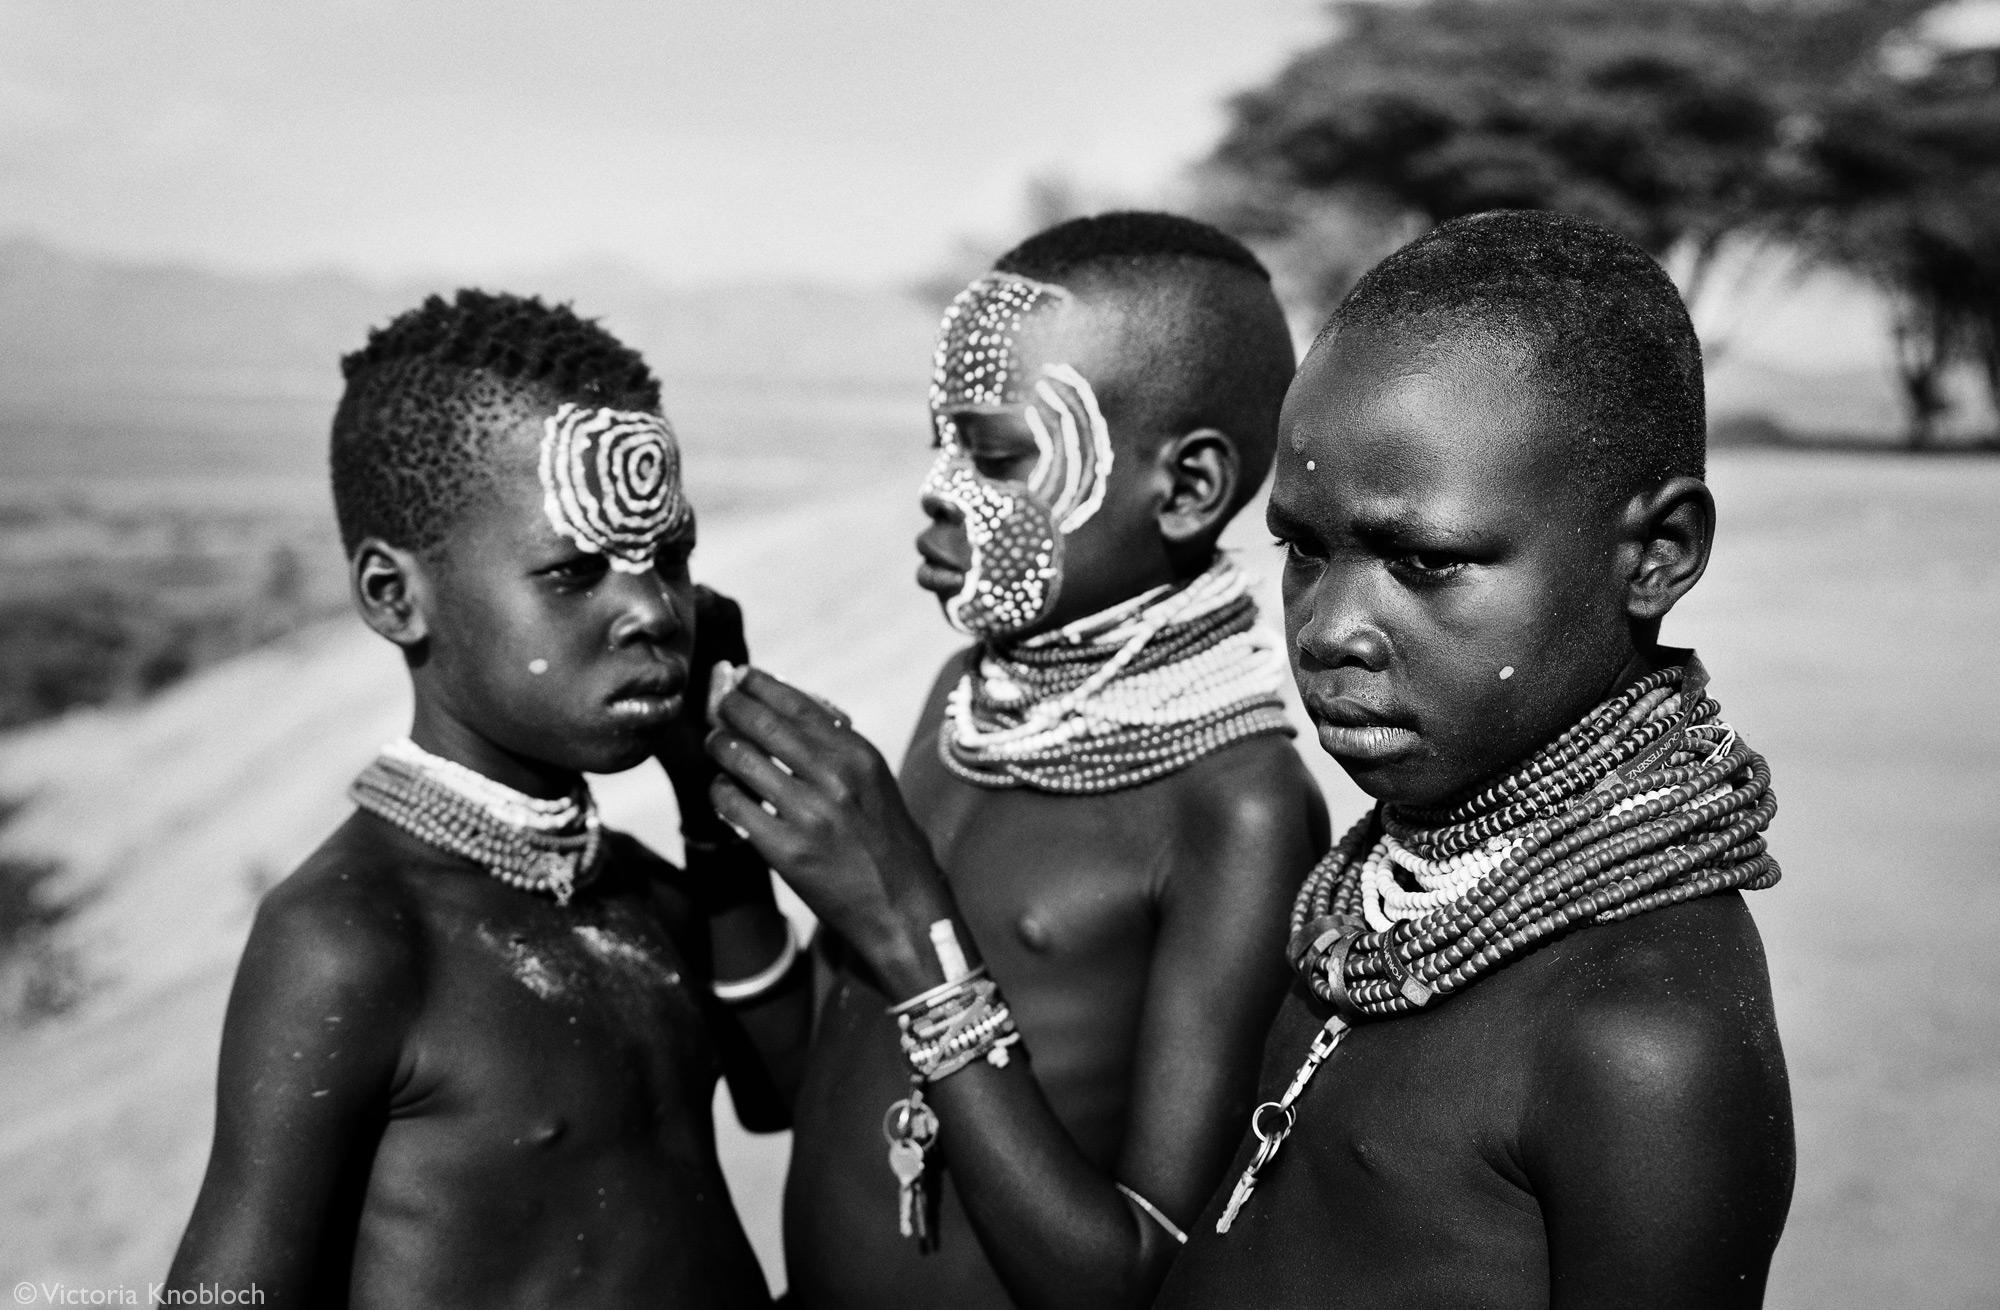 Karo tribe boys applying face paint, Omo Valley, Ethiopia